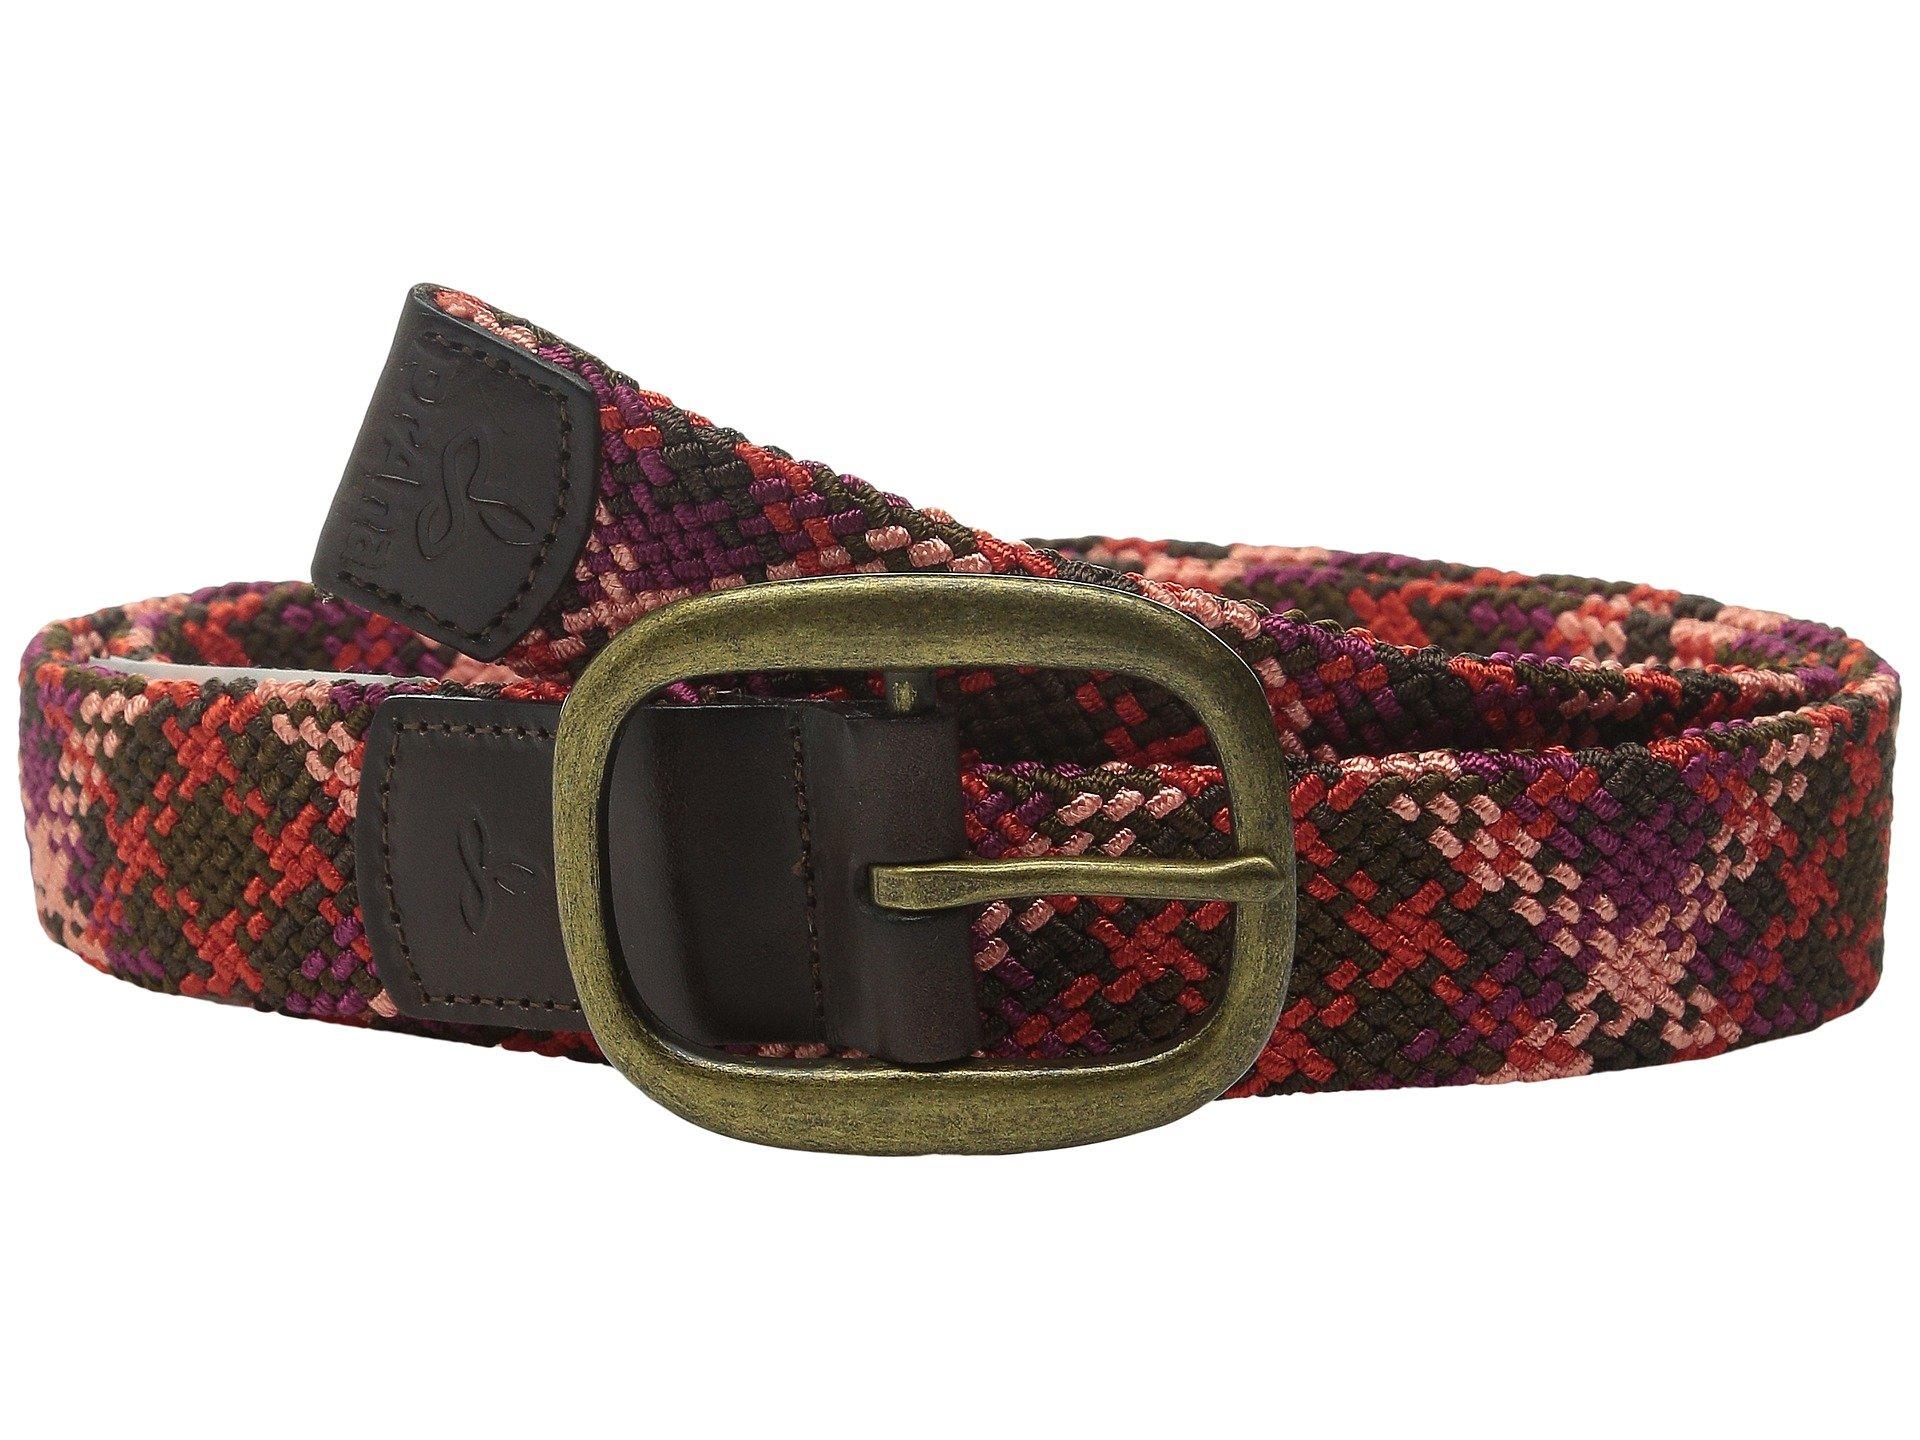 Correa o Cinturon para Mujer Prana Rhodes Belt  + Prana en VeoyCompro.net